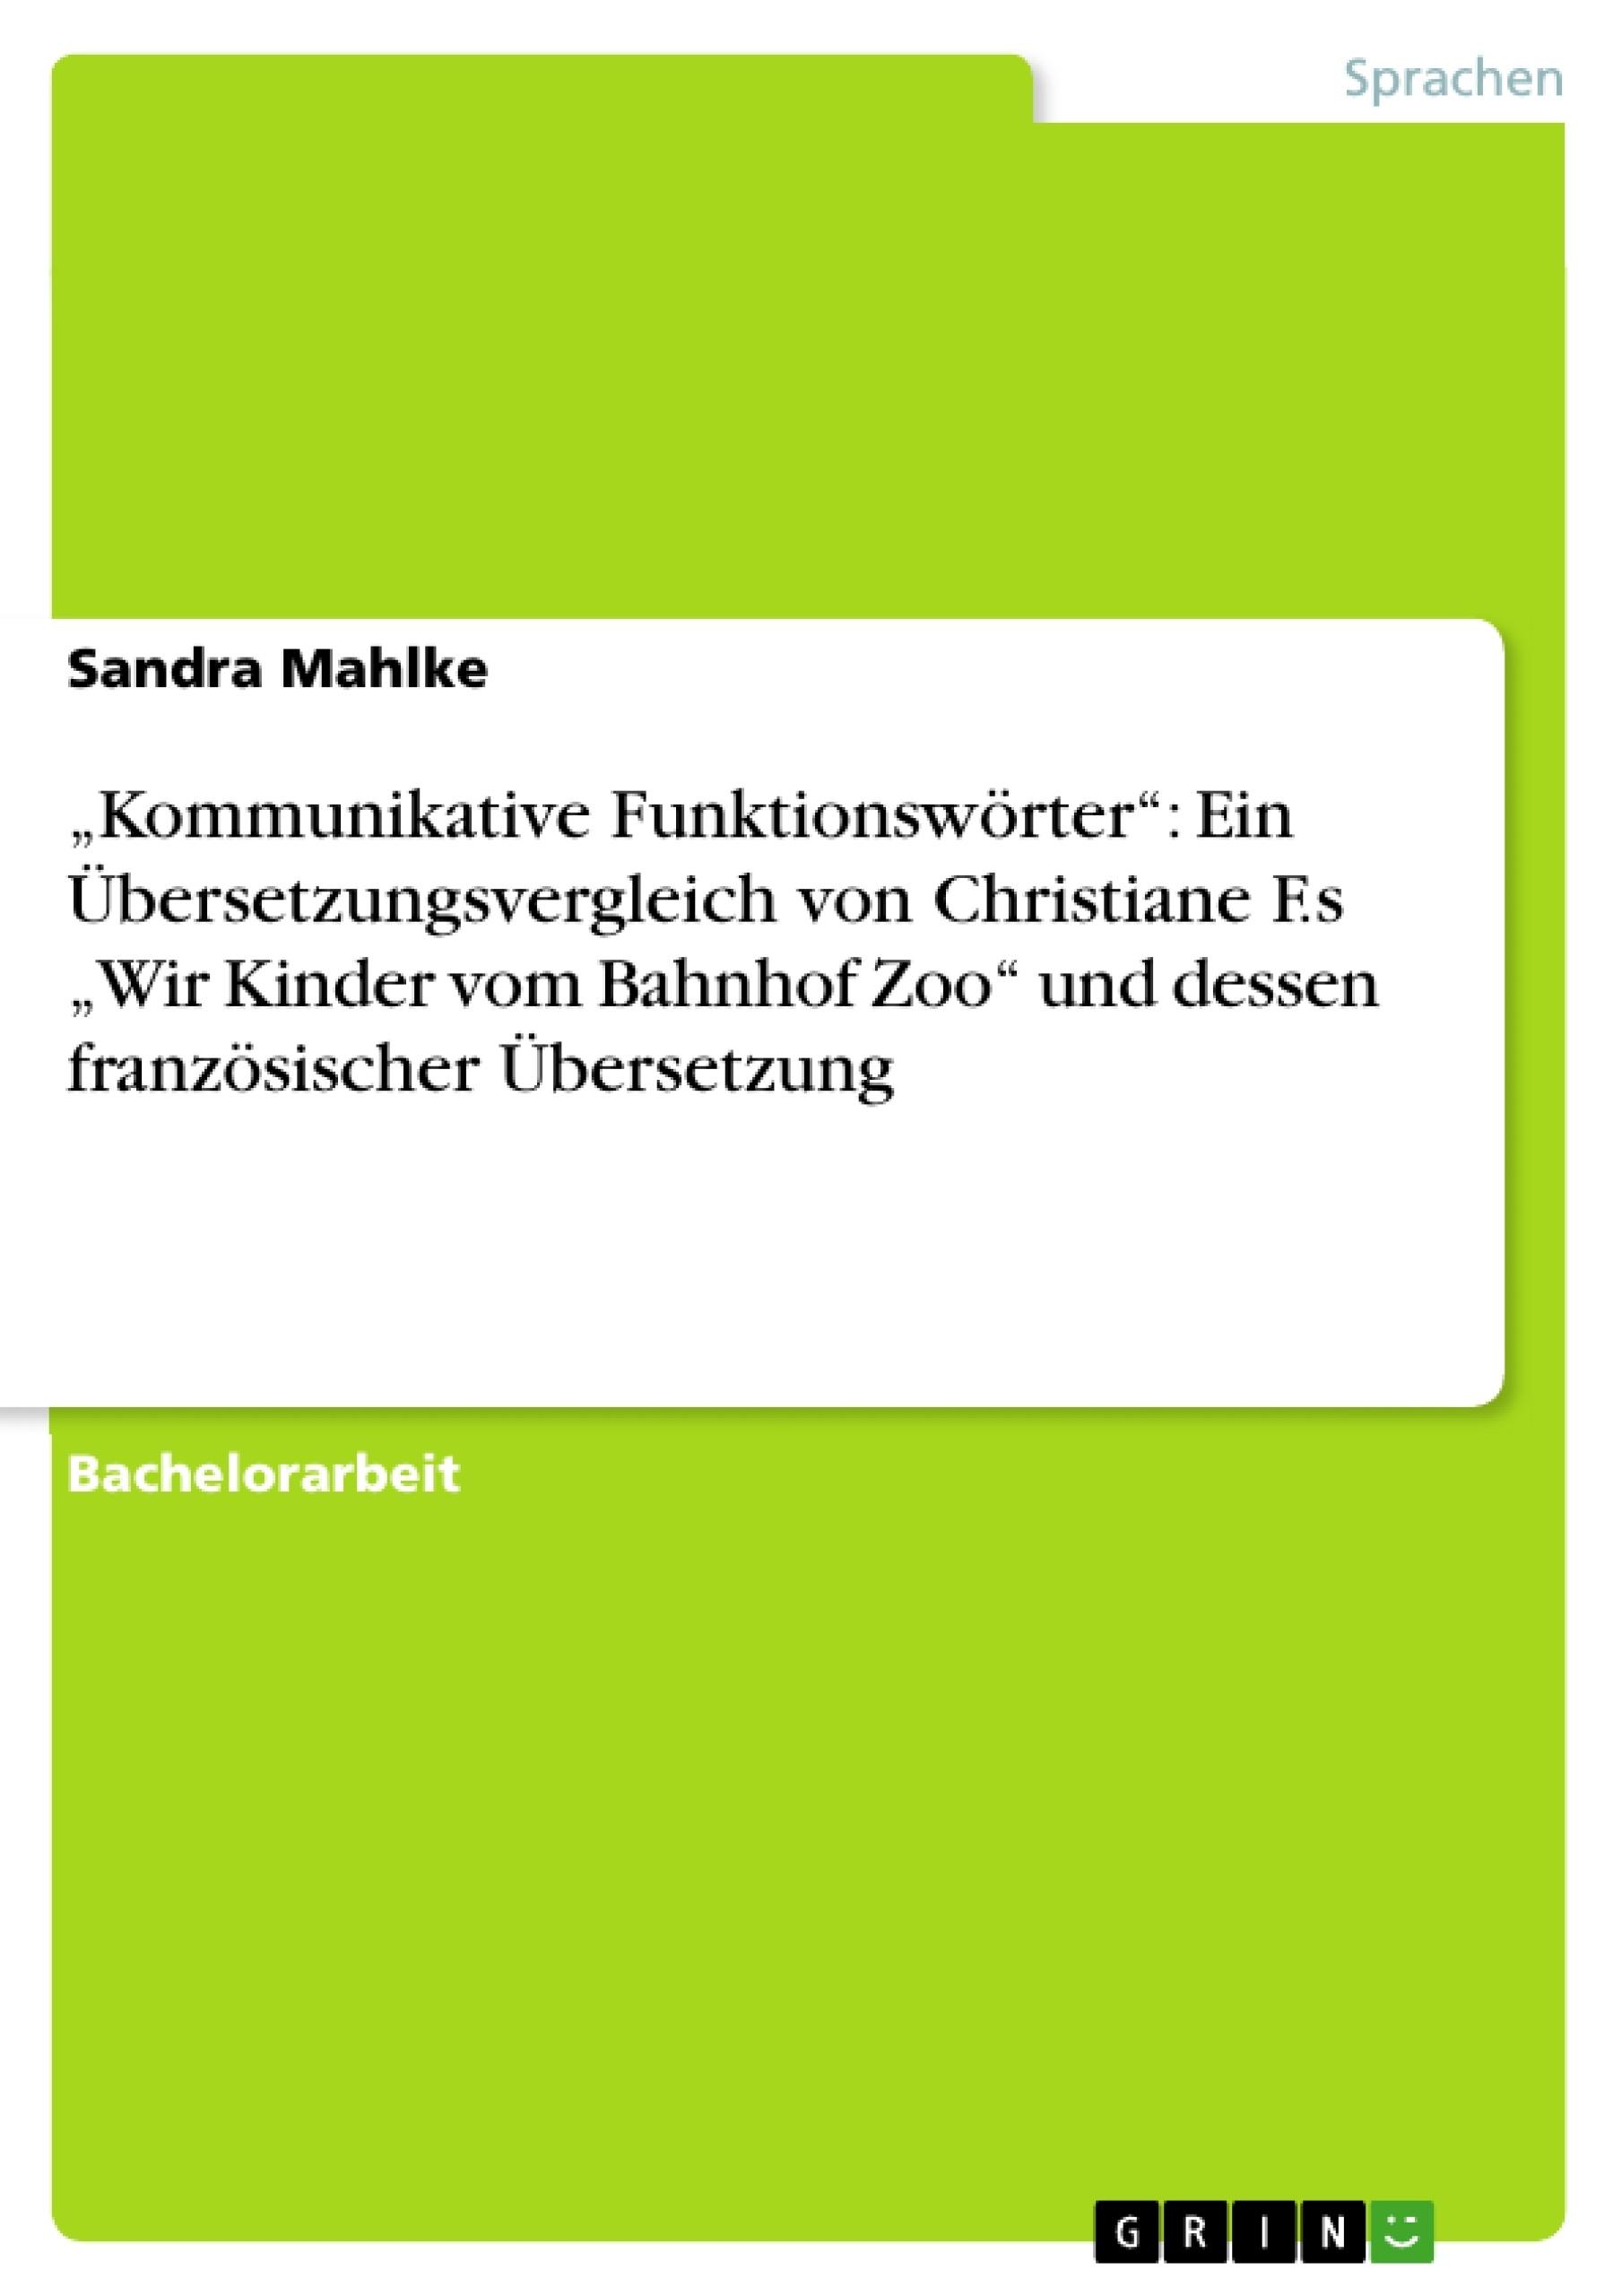 """Titel: """"Kommunikative Funktionswörter"""": Ein Übersetzungsvergleich von Christiane F.s """"Wir Kinder vom Bahnhof Zoo"""" und dessen französischer Übersetzung"""